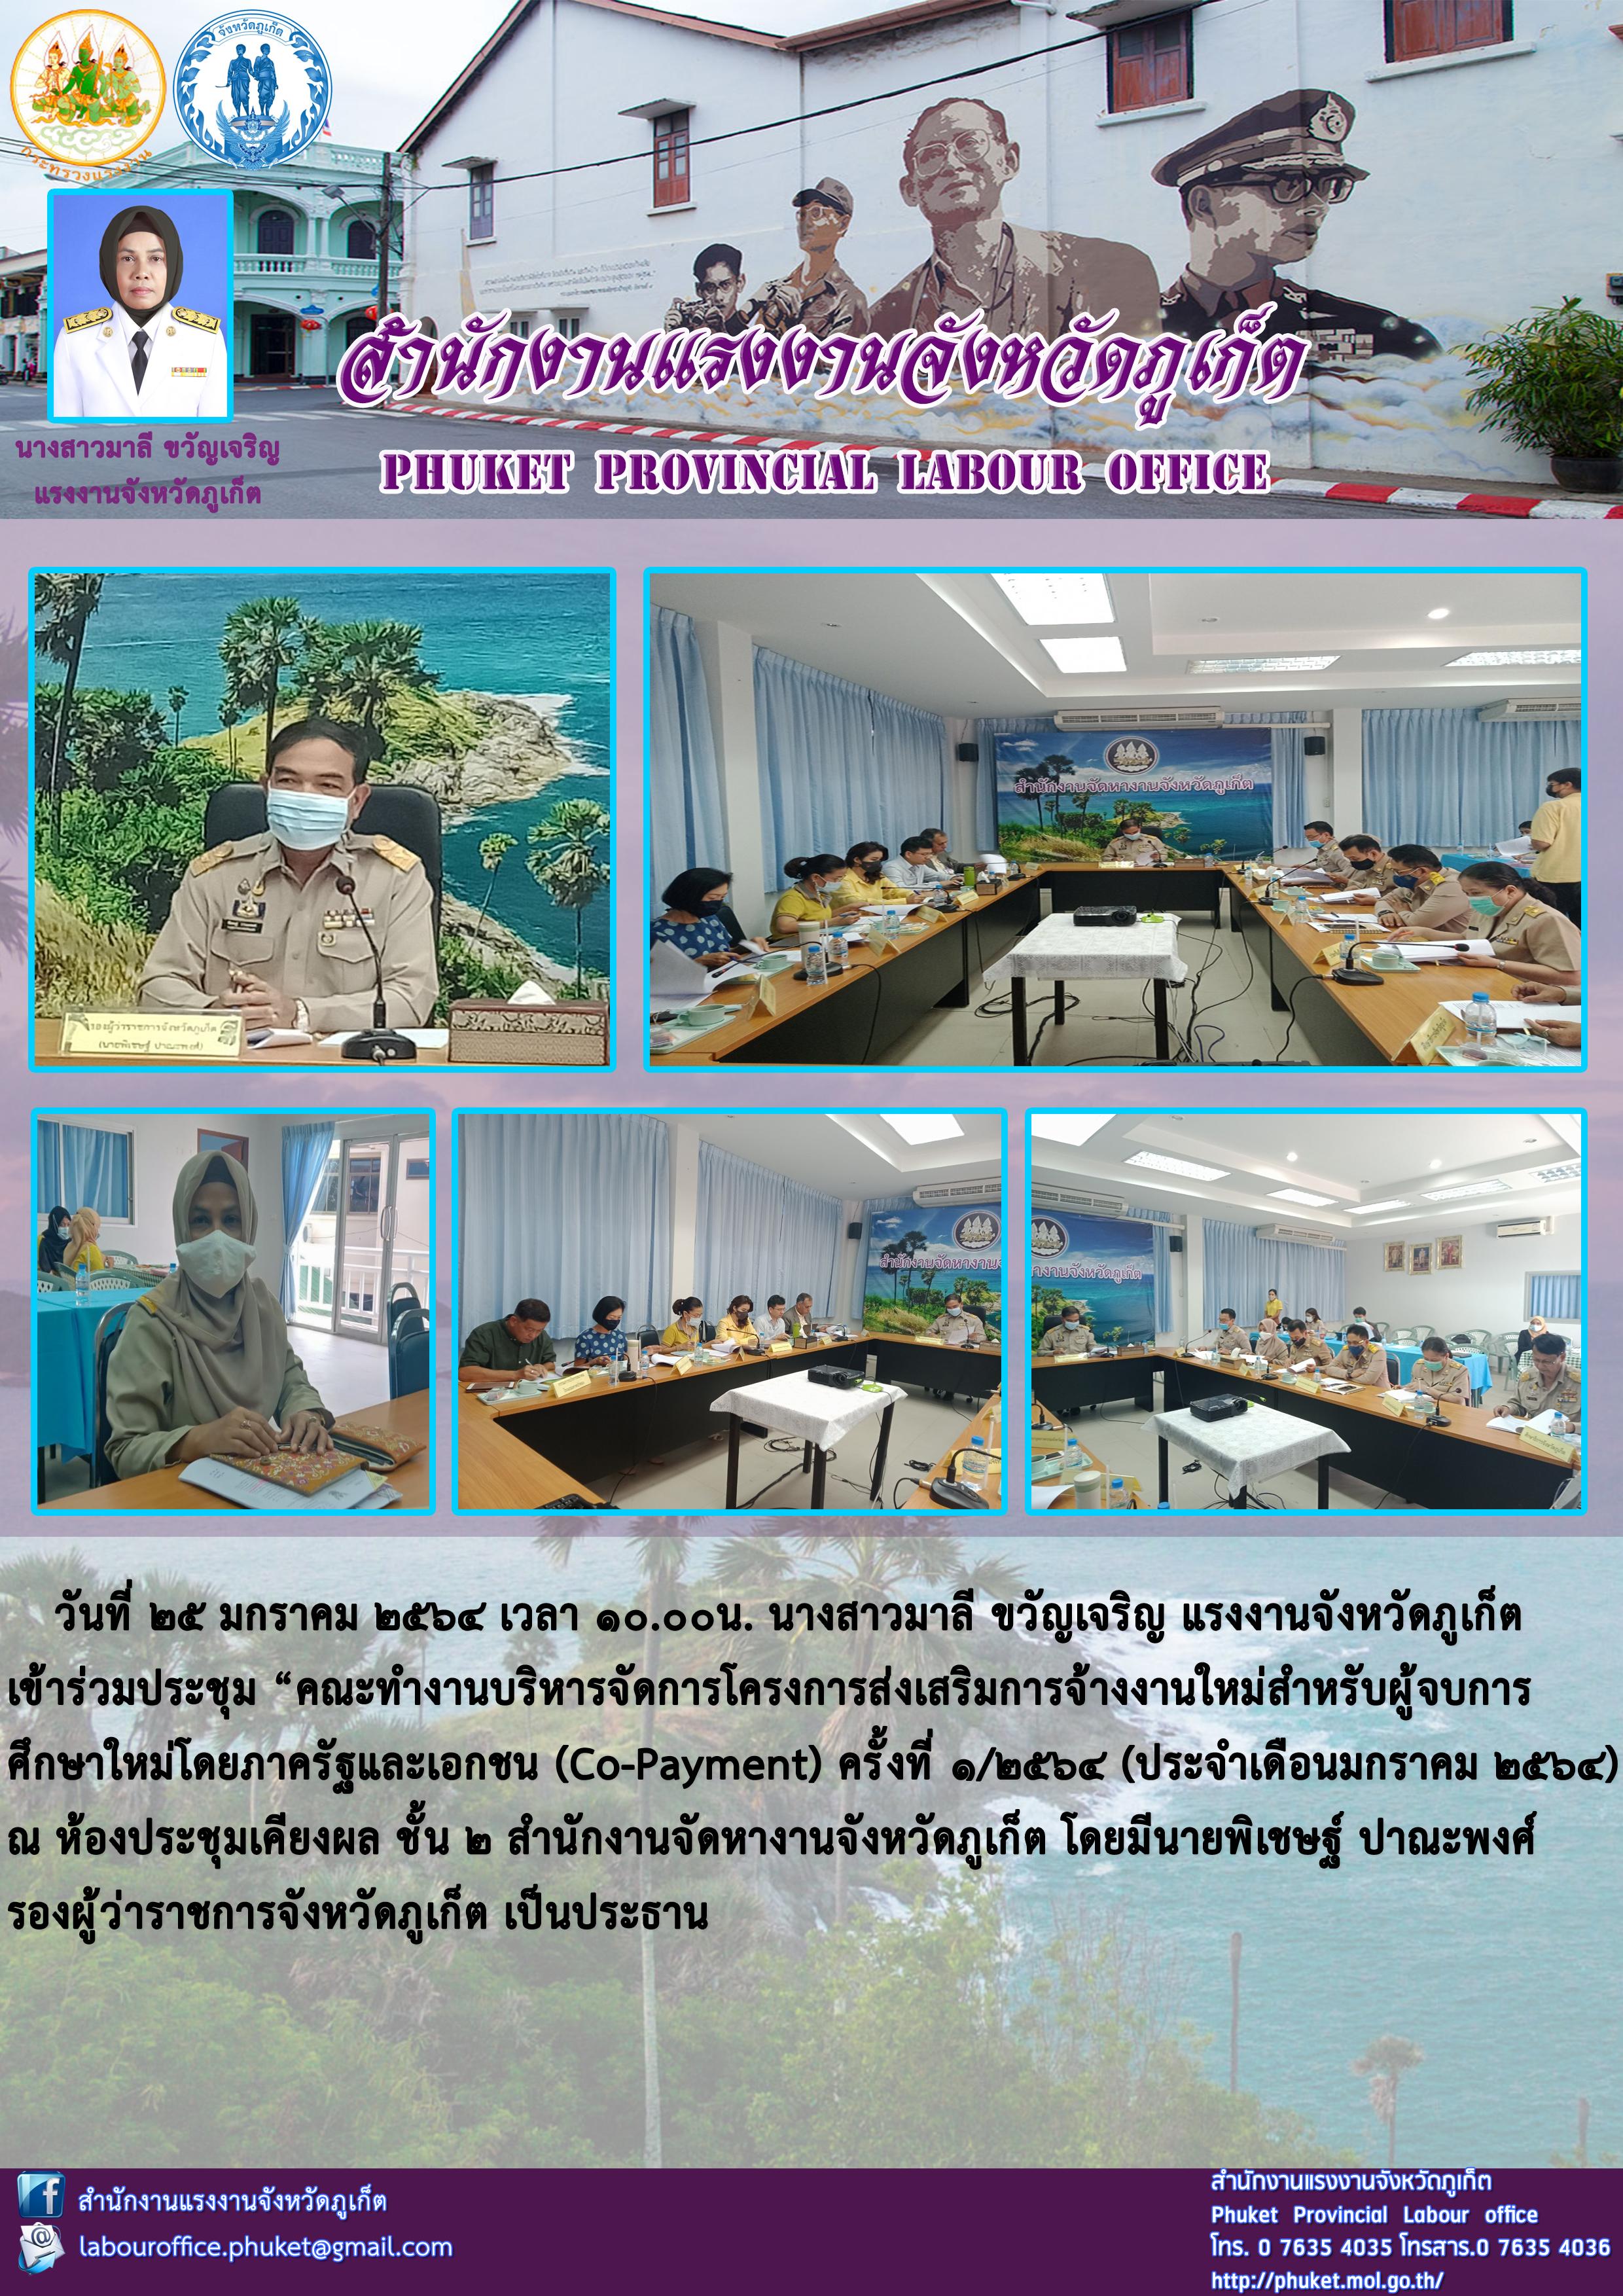 """นางสาวมาลี ขวัญเจริญ แรงงานจังหวัดภูเก็ต เข้าร่วมประชุม """"คณะทำงานบริหารจัดการโครงการส่งเสริมการจ้างงานใหม่สำหรับผู้จบการ ศึกษาใหม่โดยภาครัฐและเอกชน (Co-Payment) ครั้งที่ 1/2564 (ประจำเดือนมกราคม 2564)"""